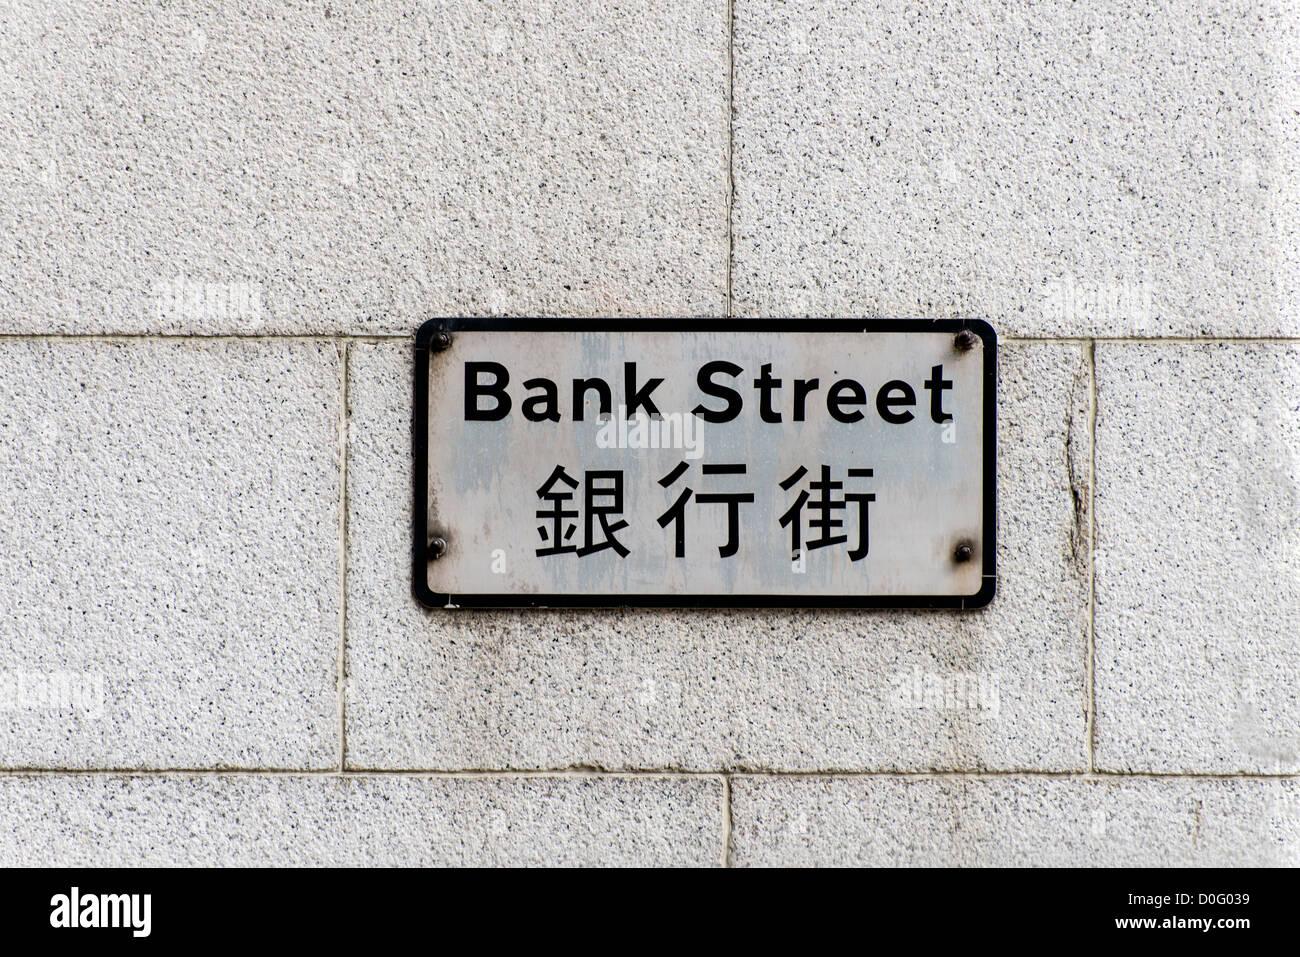 Bank Street sign, Hong Kong, China - Stock Image